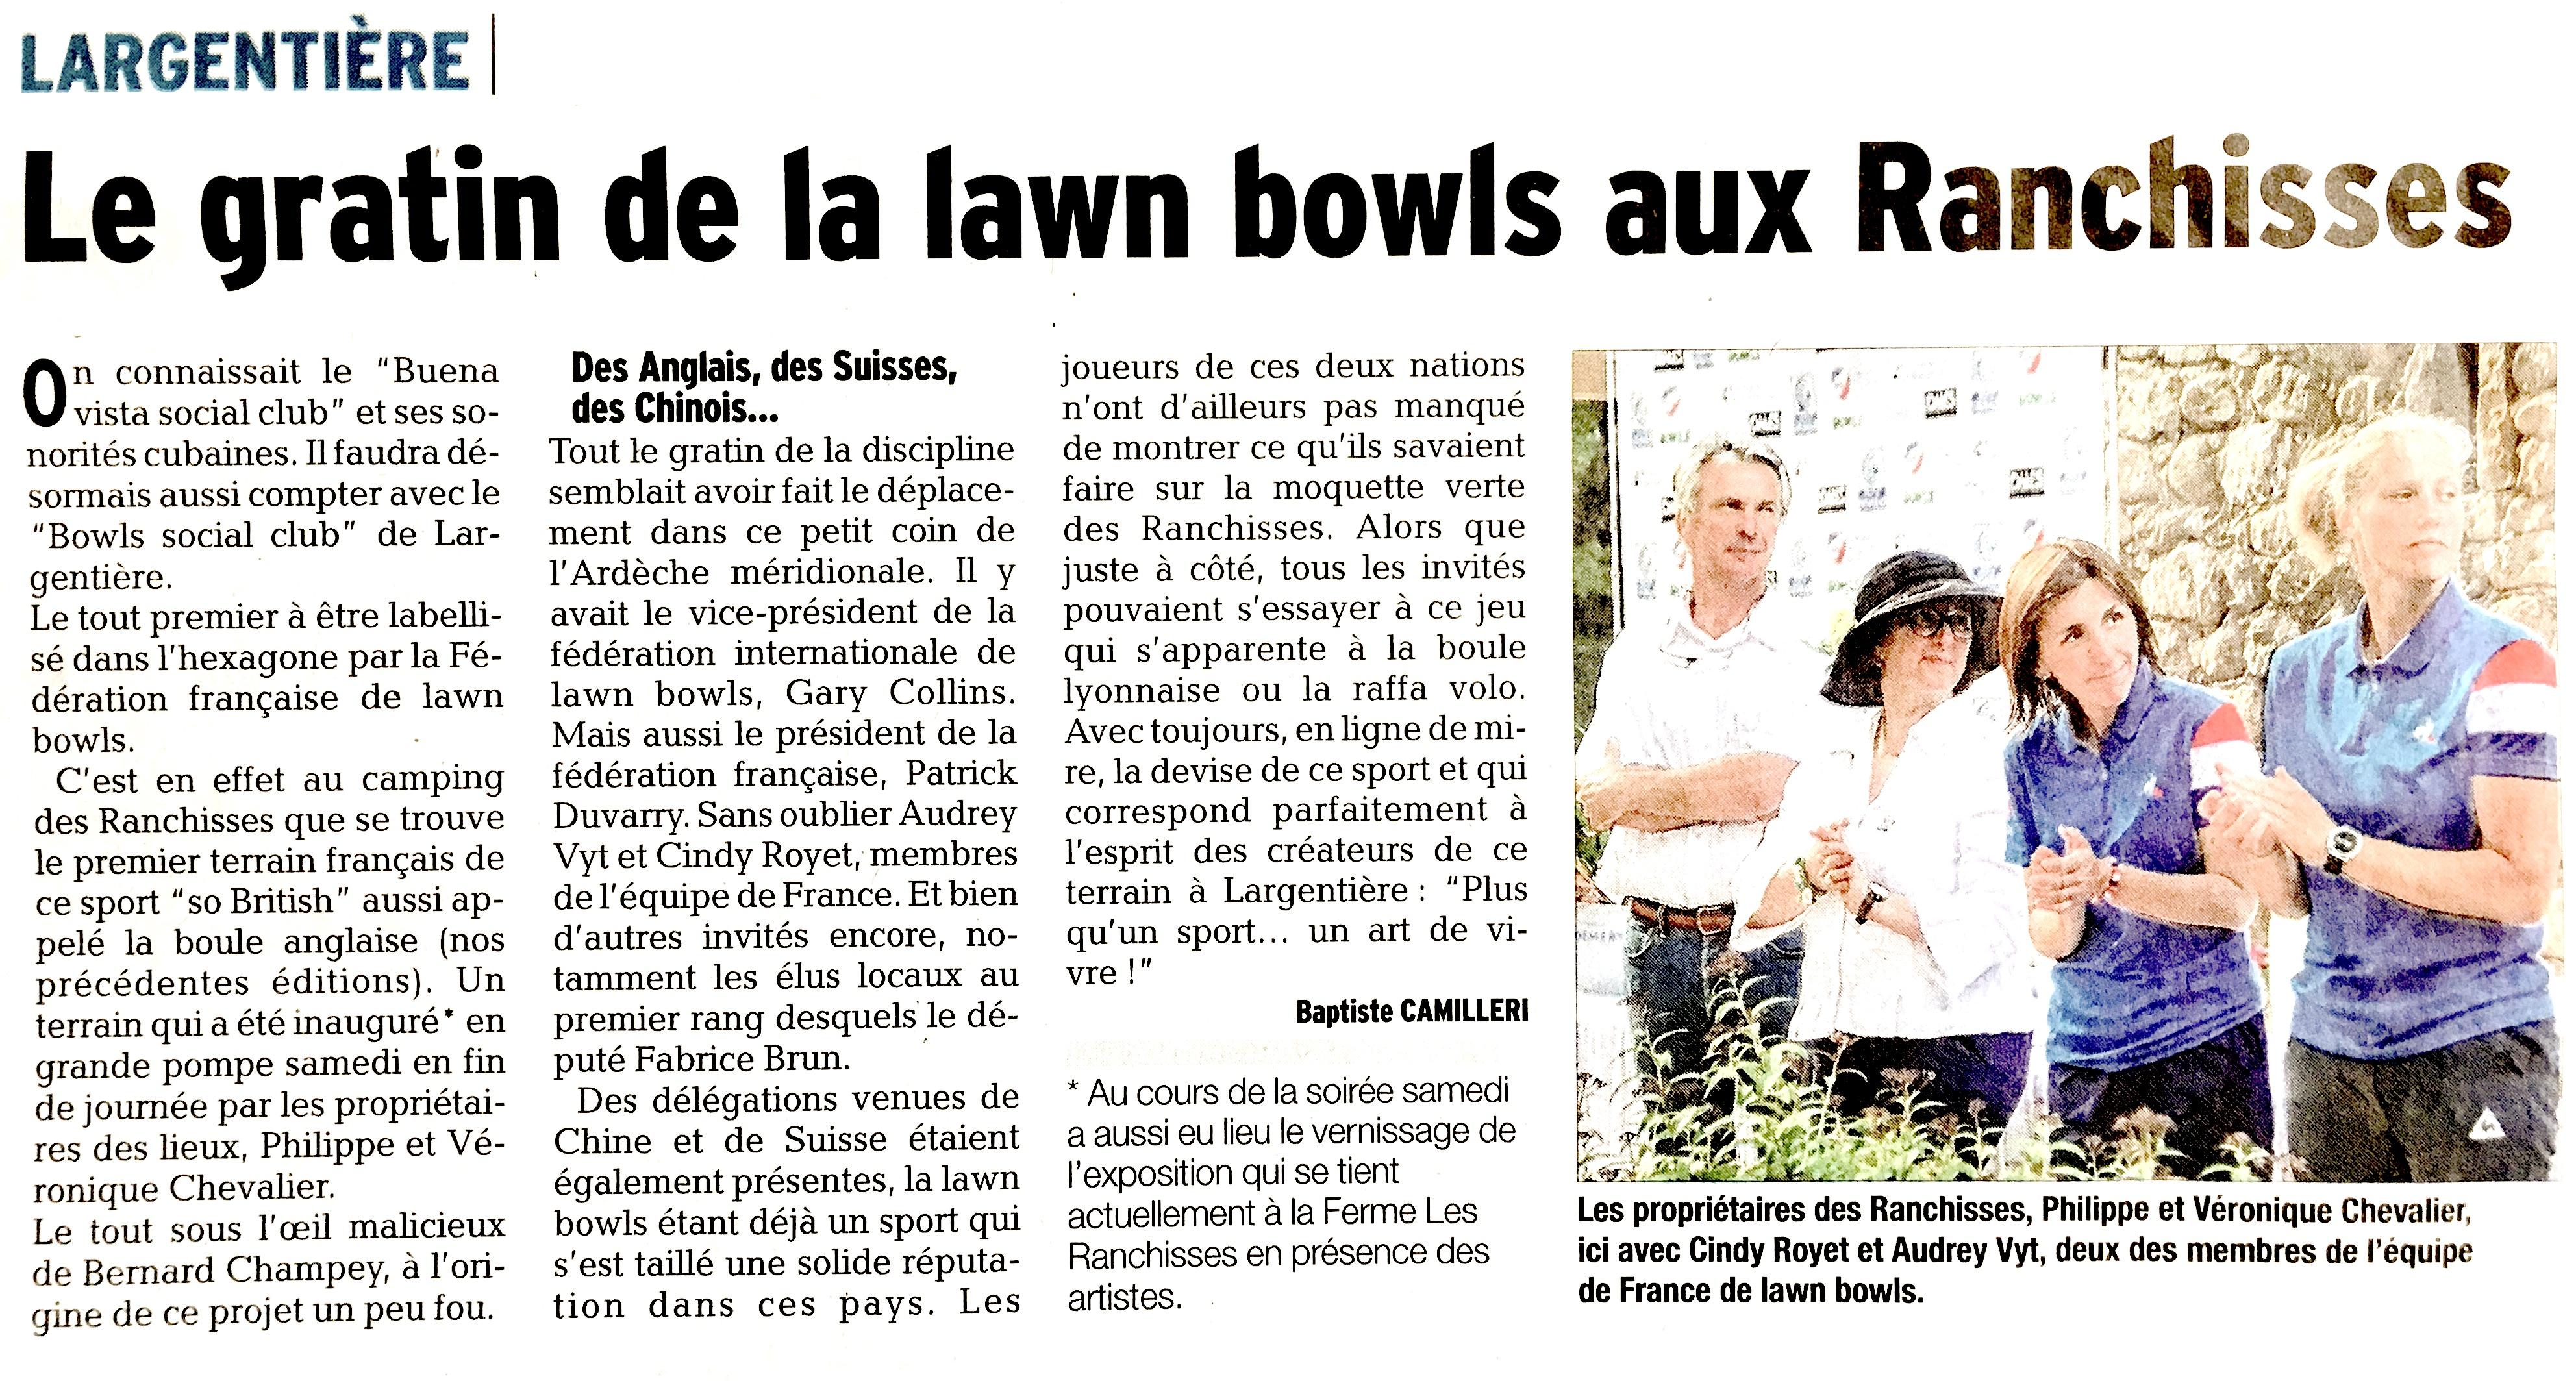 Le gratin de la lawn bowls aux Ranchisses